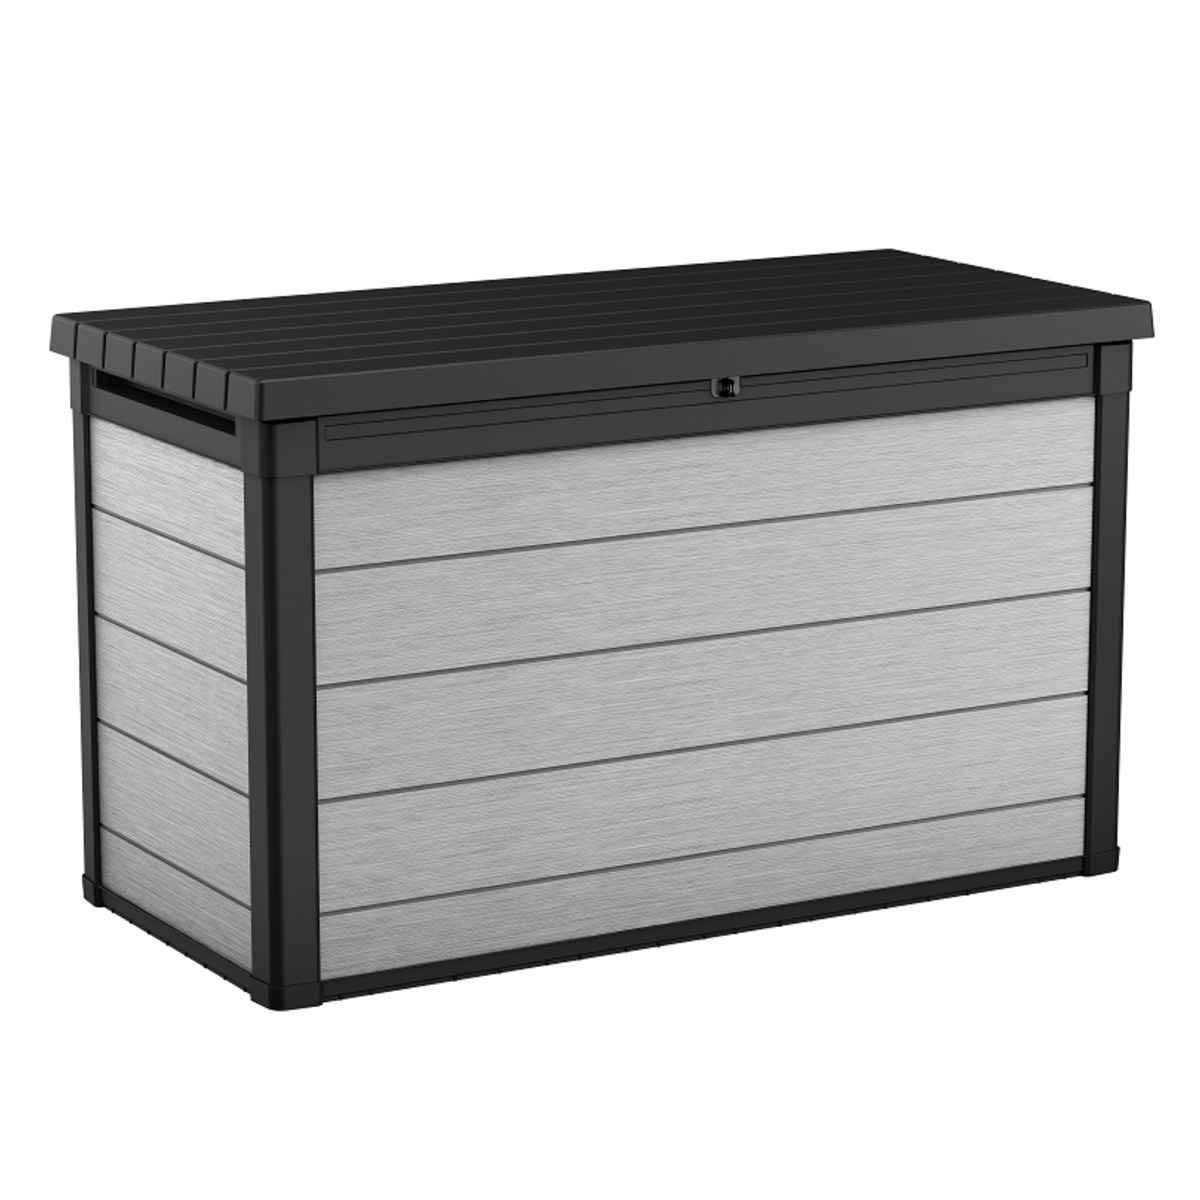 Keter 757L Denali Duotech Storage Box - Grey